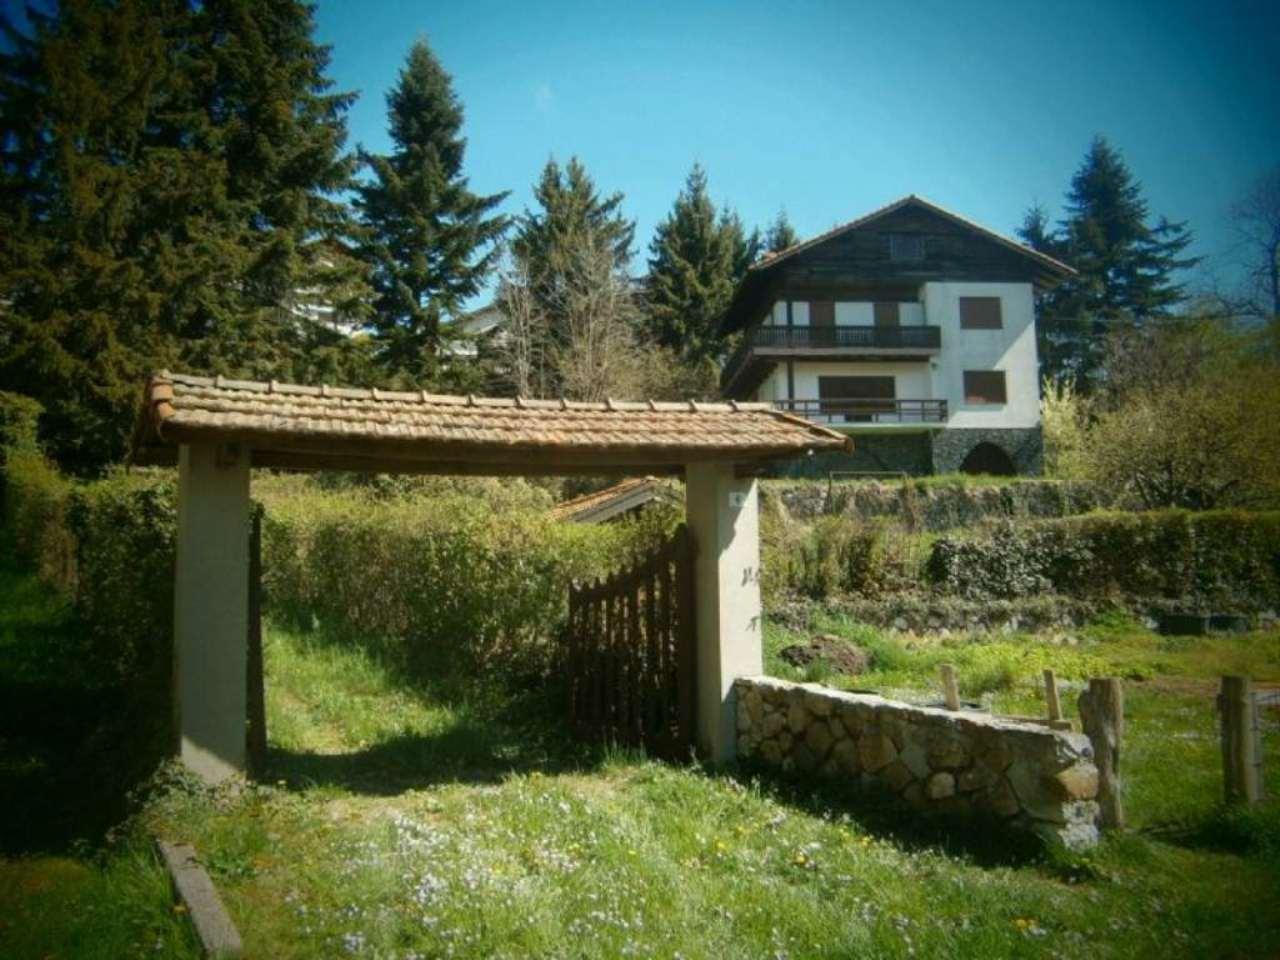 Villa in vendita a Fontanigorda, 11 locali, prezzo € 350.000 | CambioCasa.it